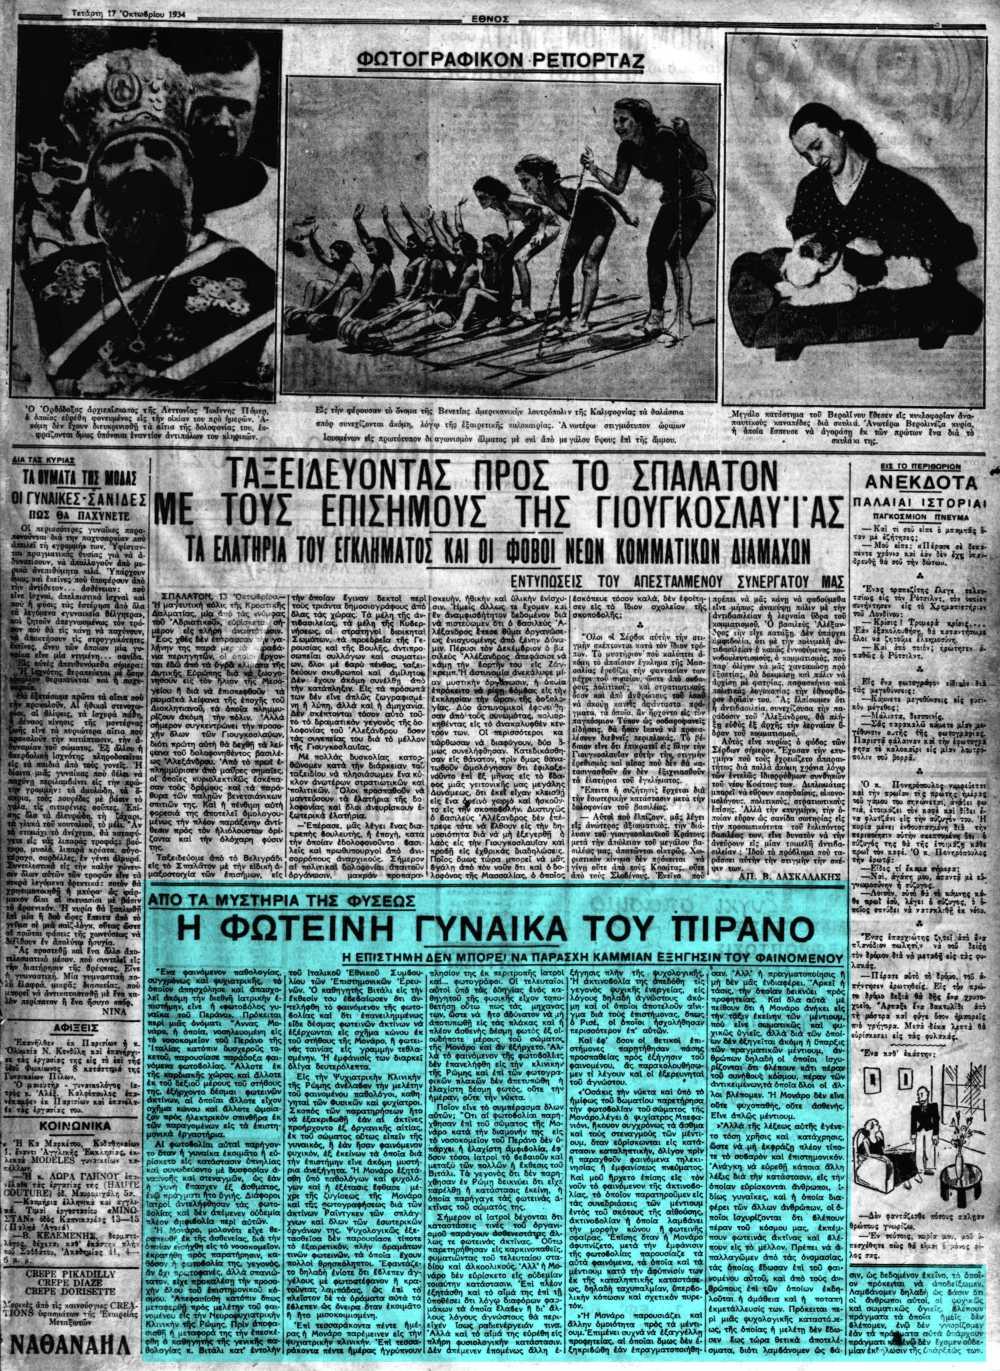 """Το άρθρο, όπως δημοσιεύθηκε στην εφημερίδα """"ΕΘΝΟΣ"""", στις 17/10/1934"""